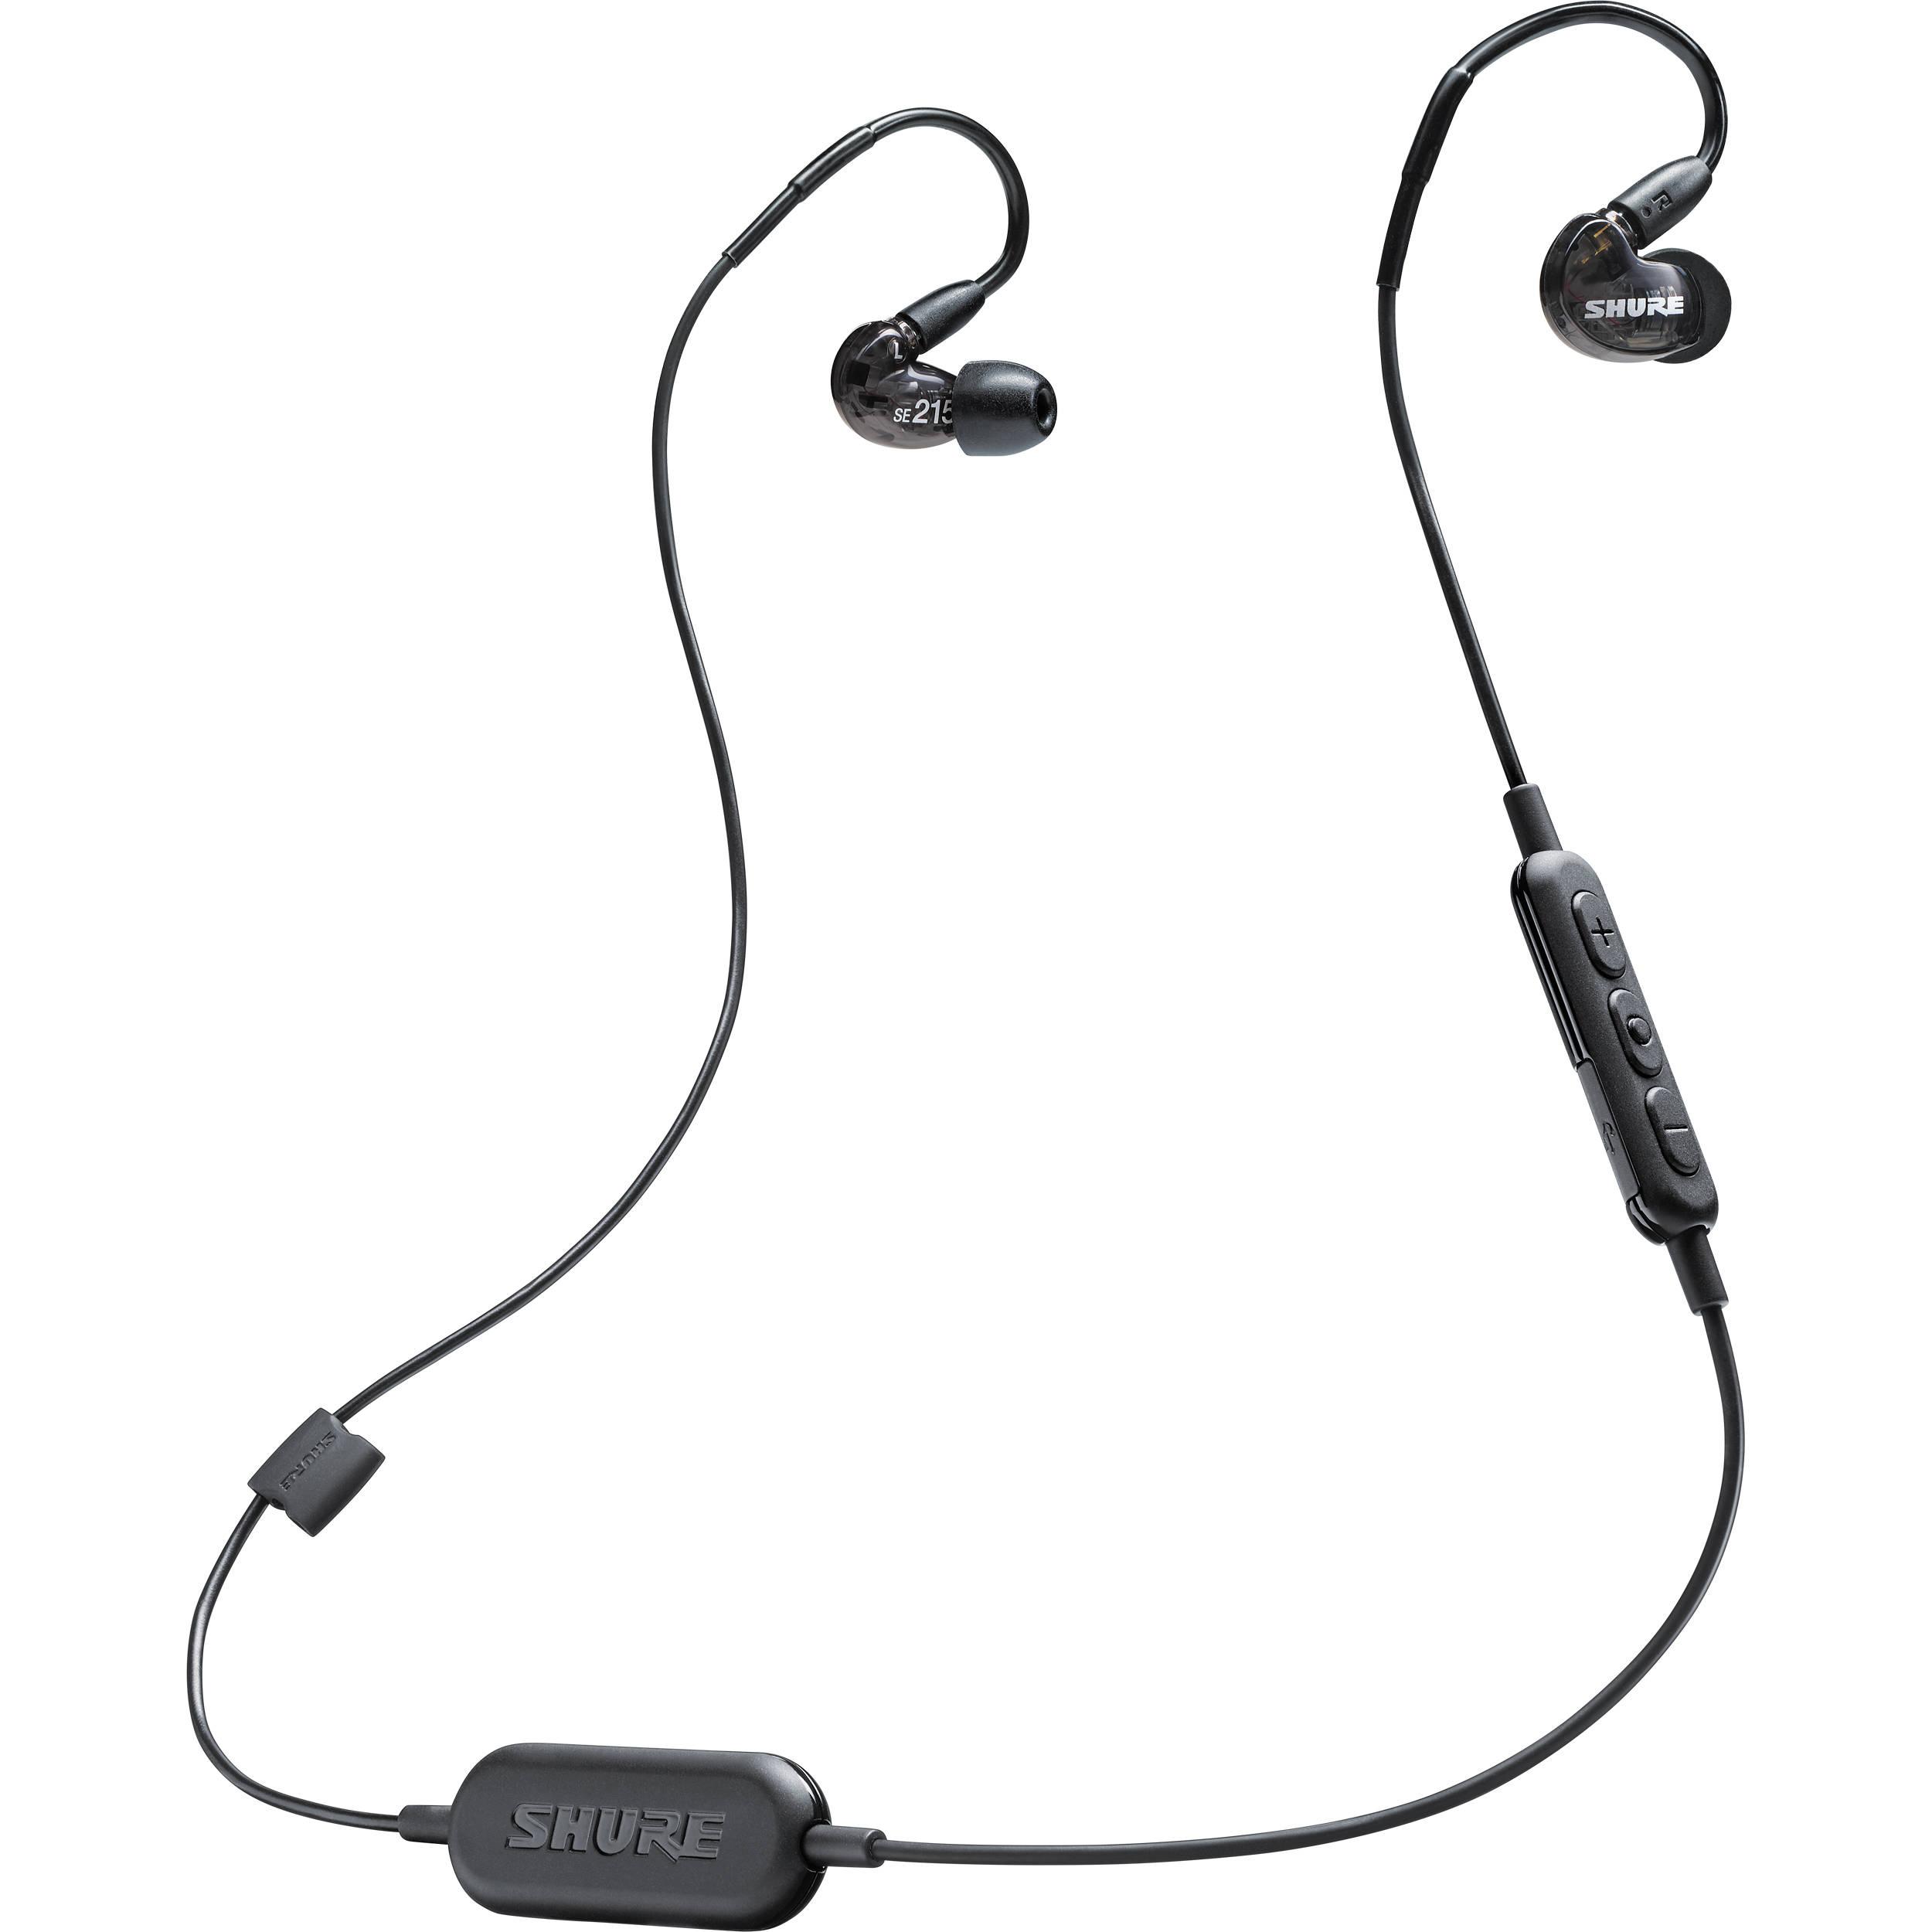 Shure earphones bluetooth - earphones bluetooth range